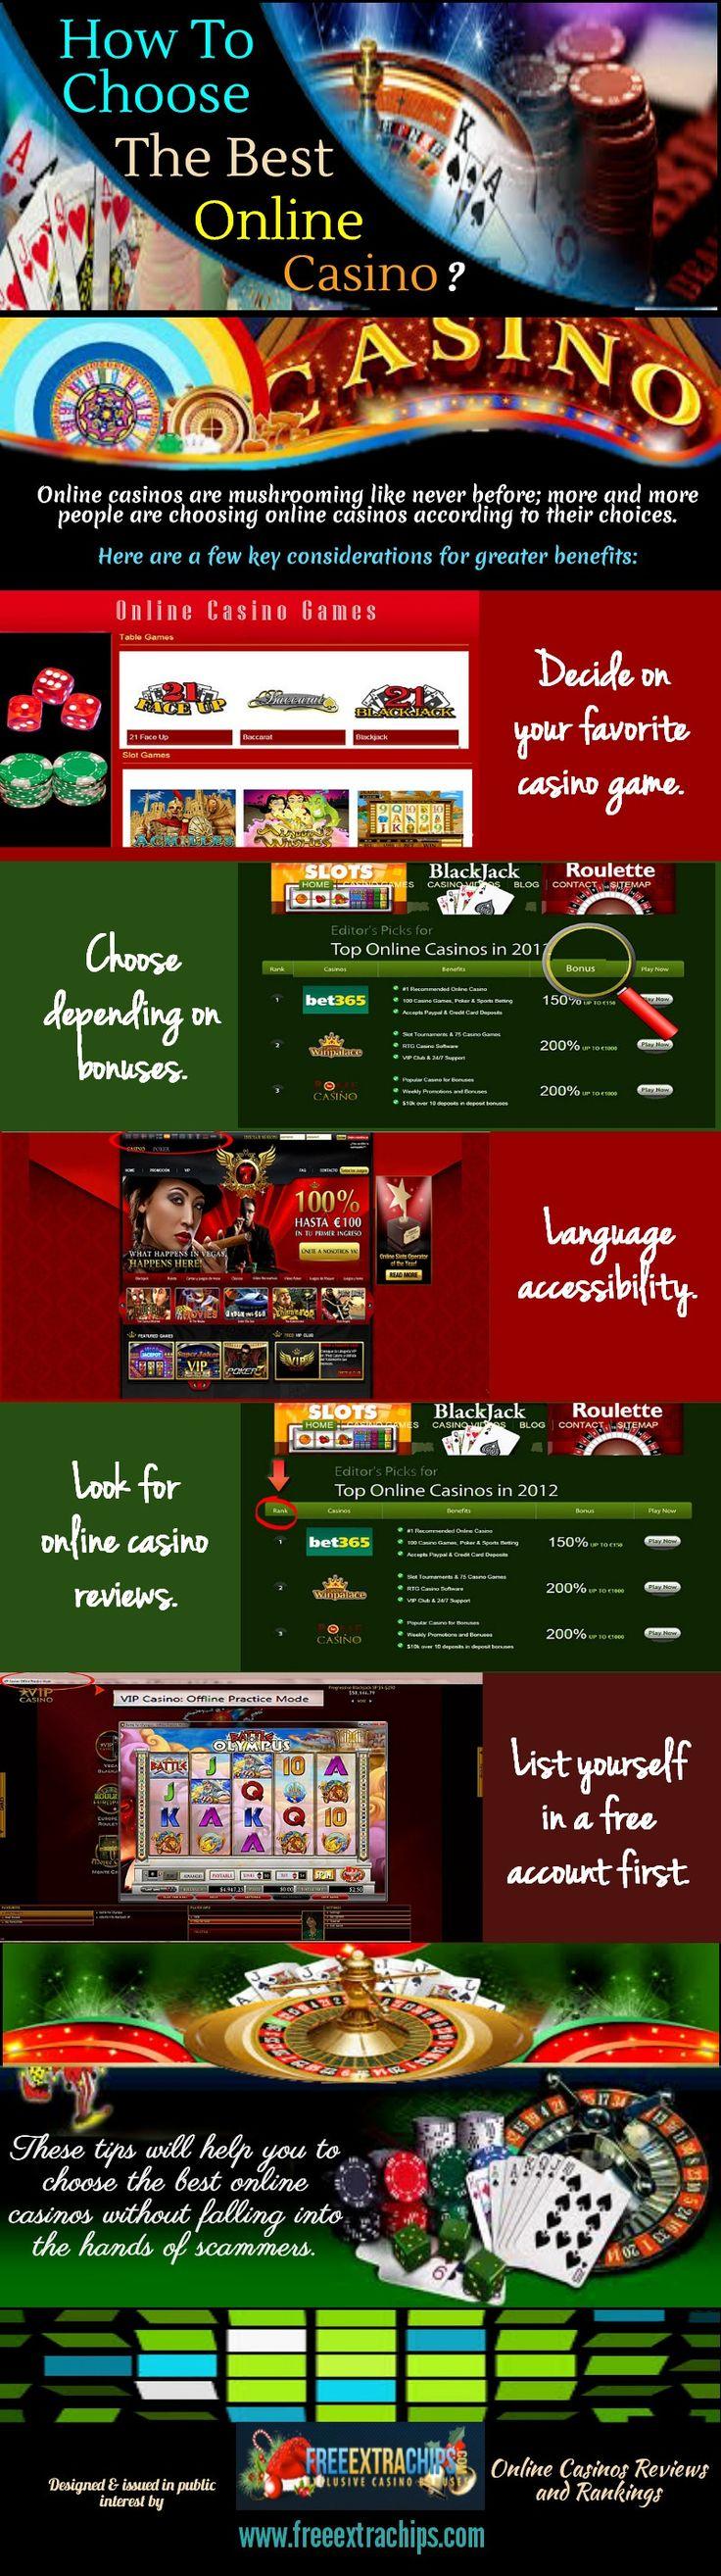 Best online casinos reviews gambling casinos near memphis tn